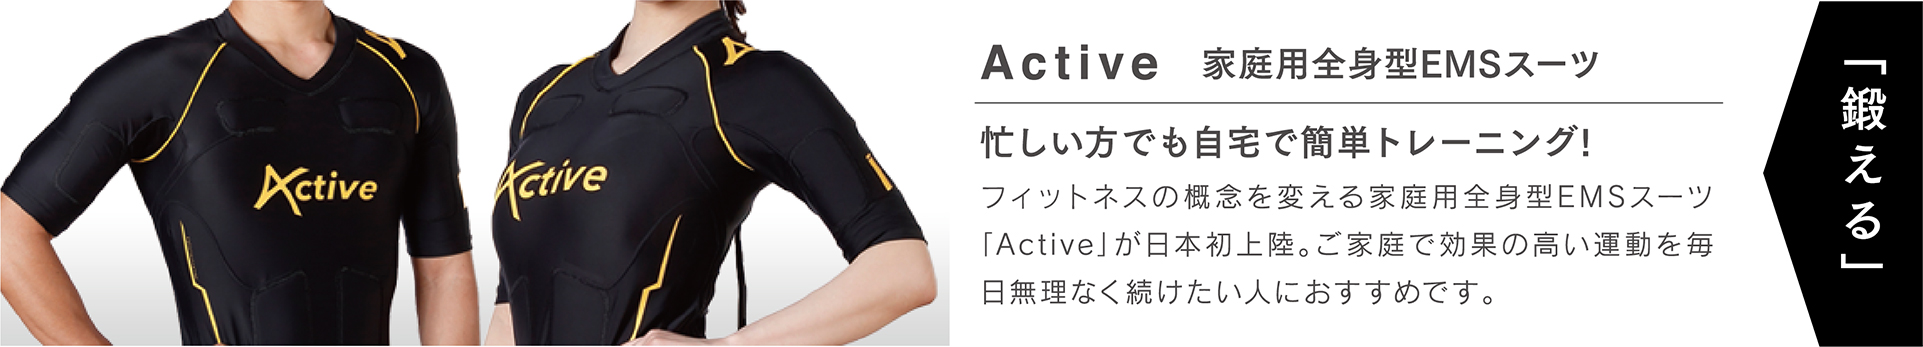 Active 家庭用全身型EMSスーツ